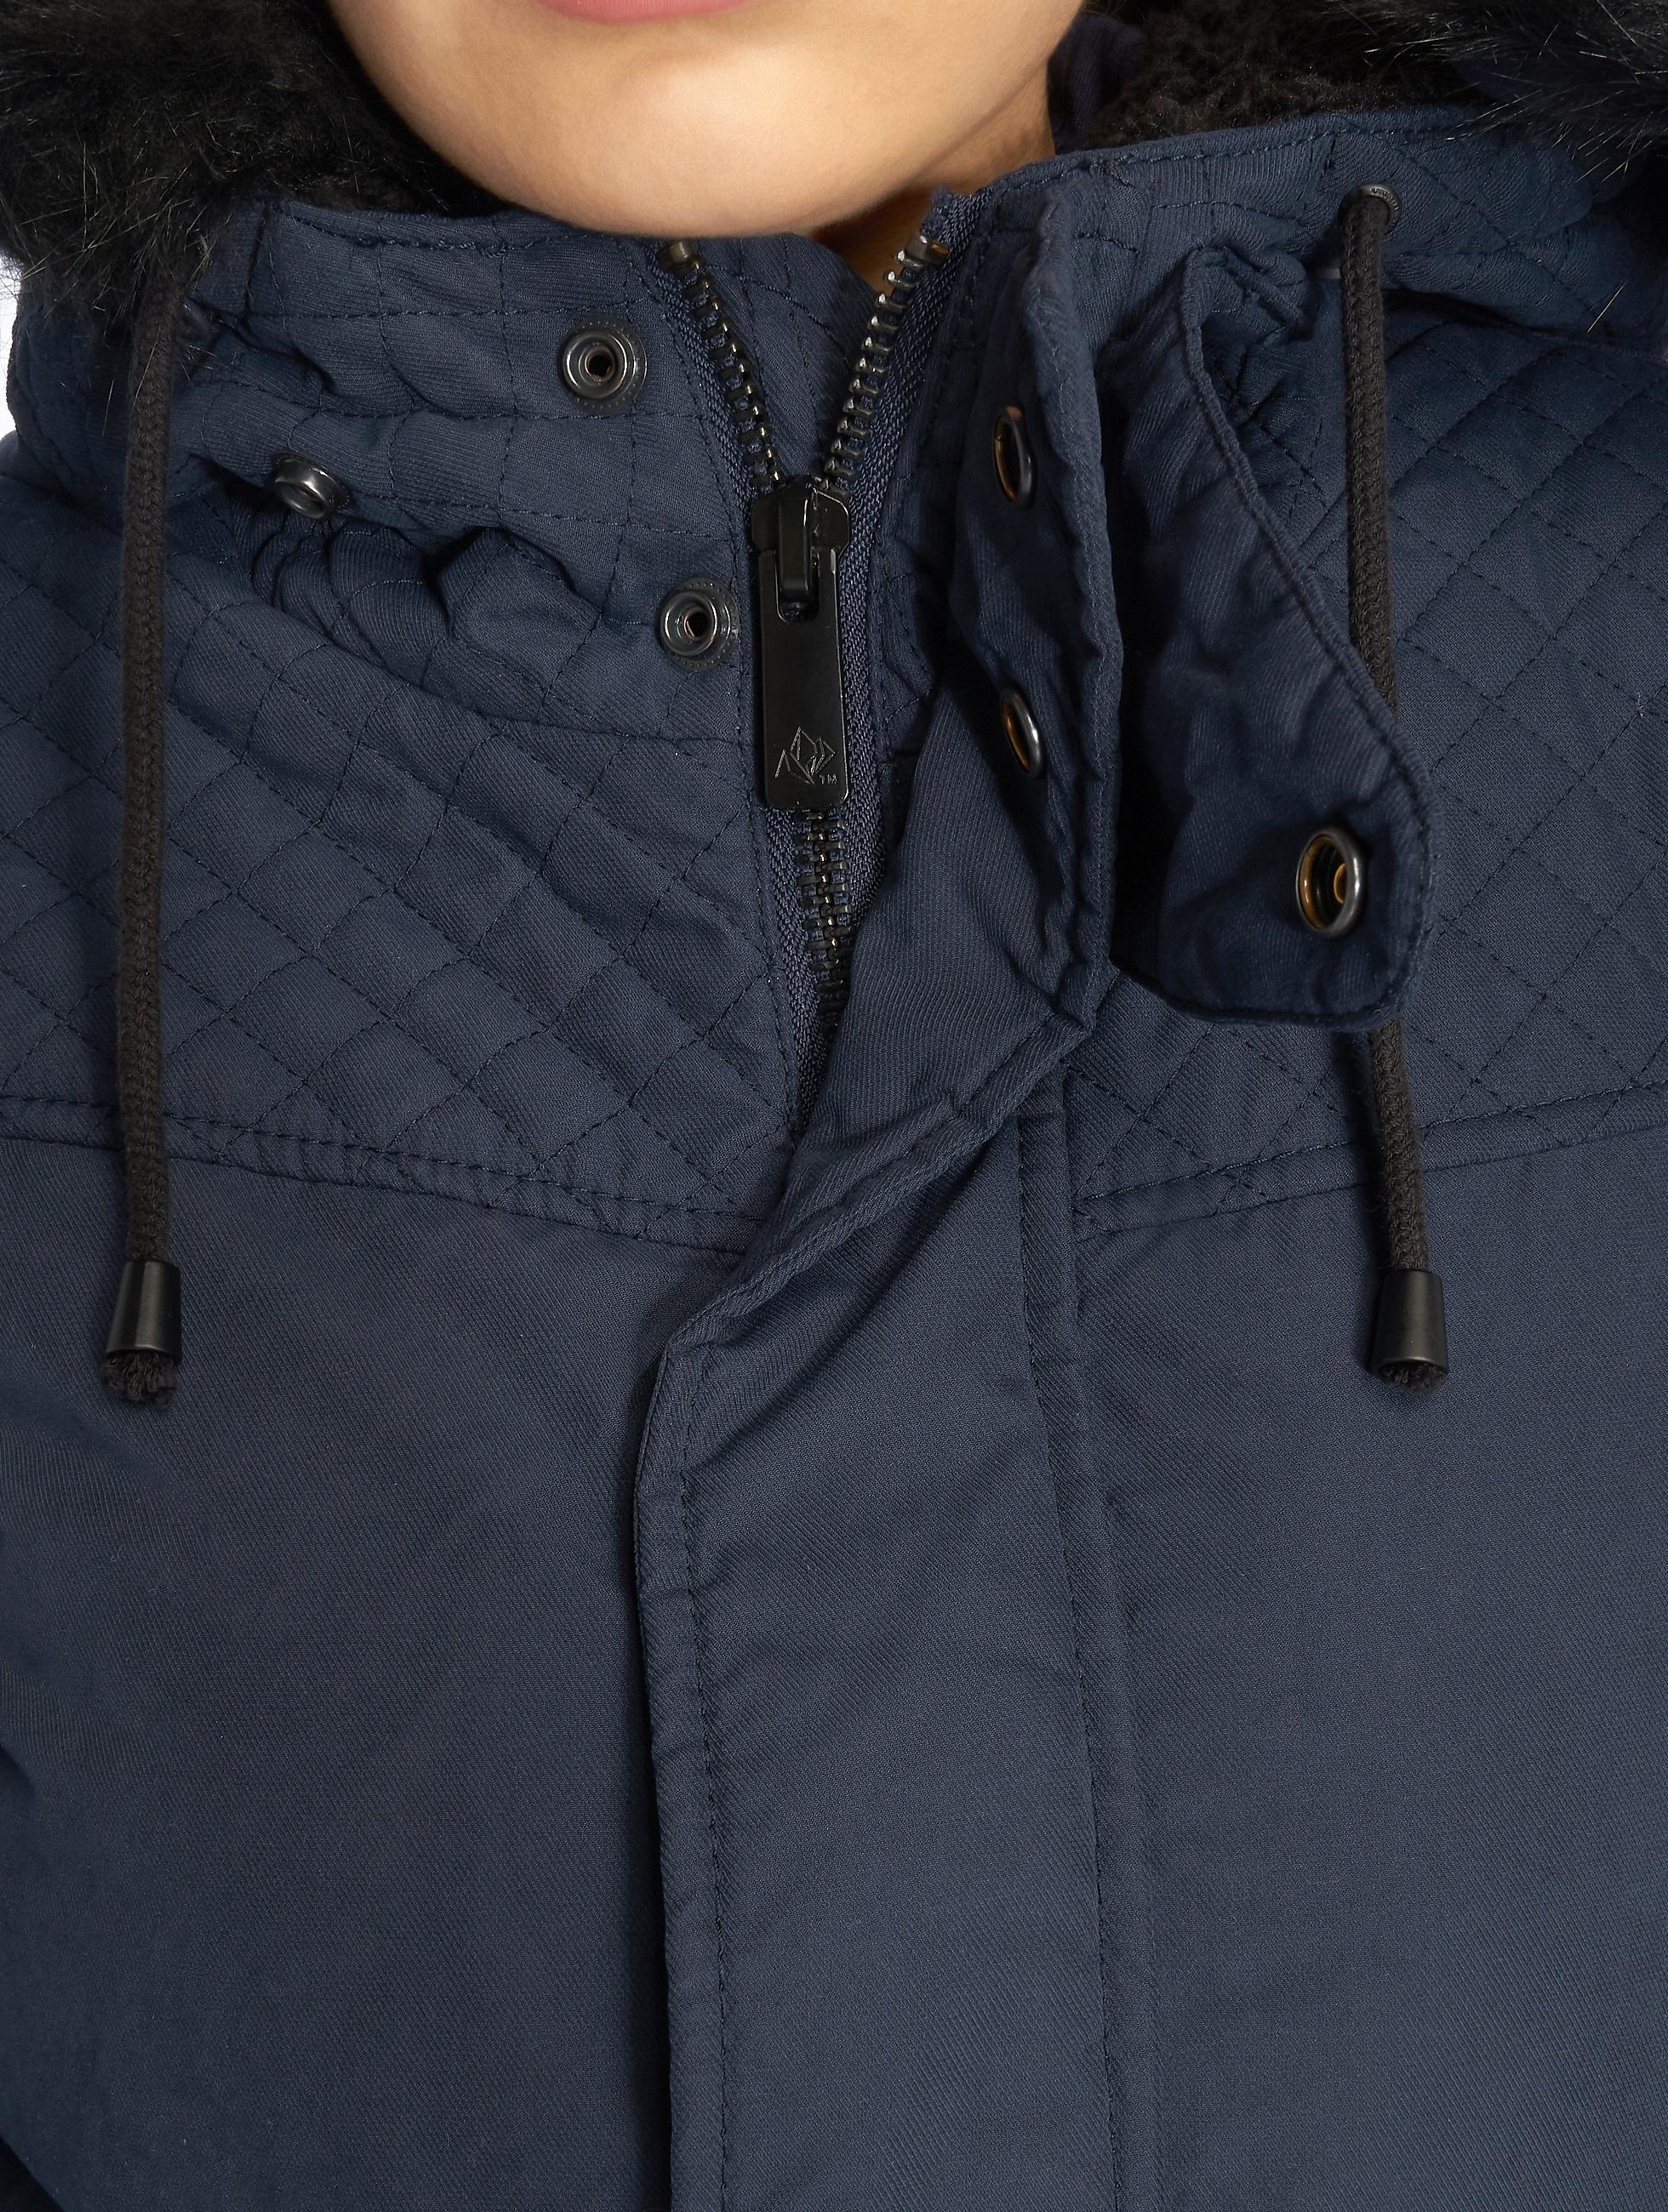 Khujo Transitional Jackets Kourtney blå